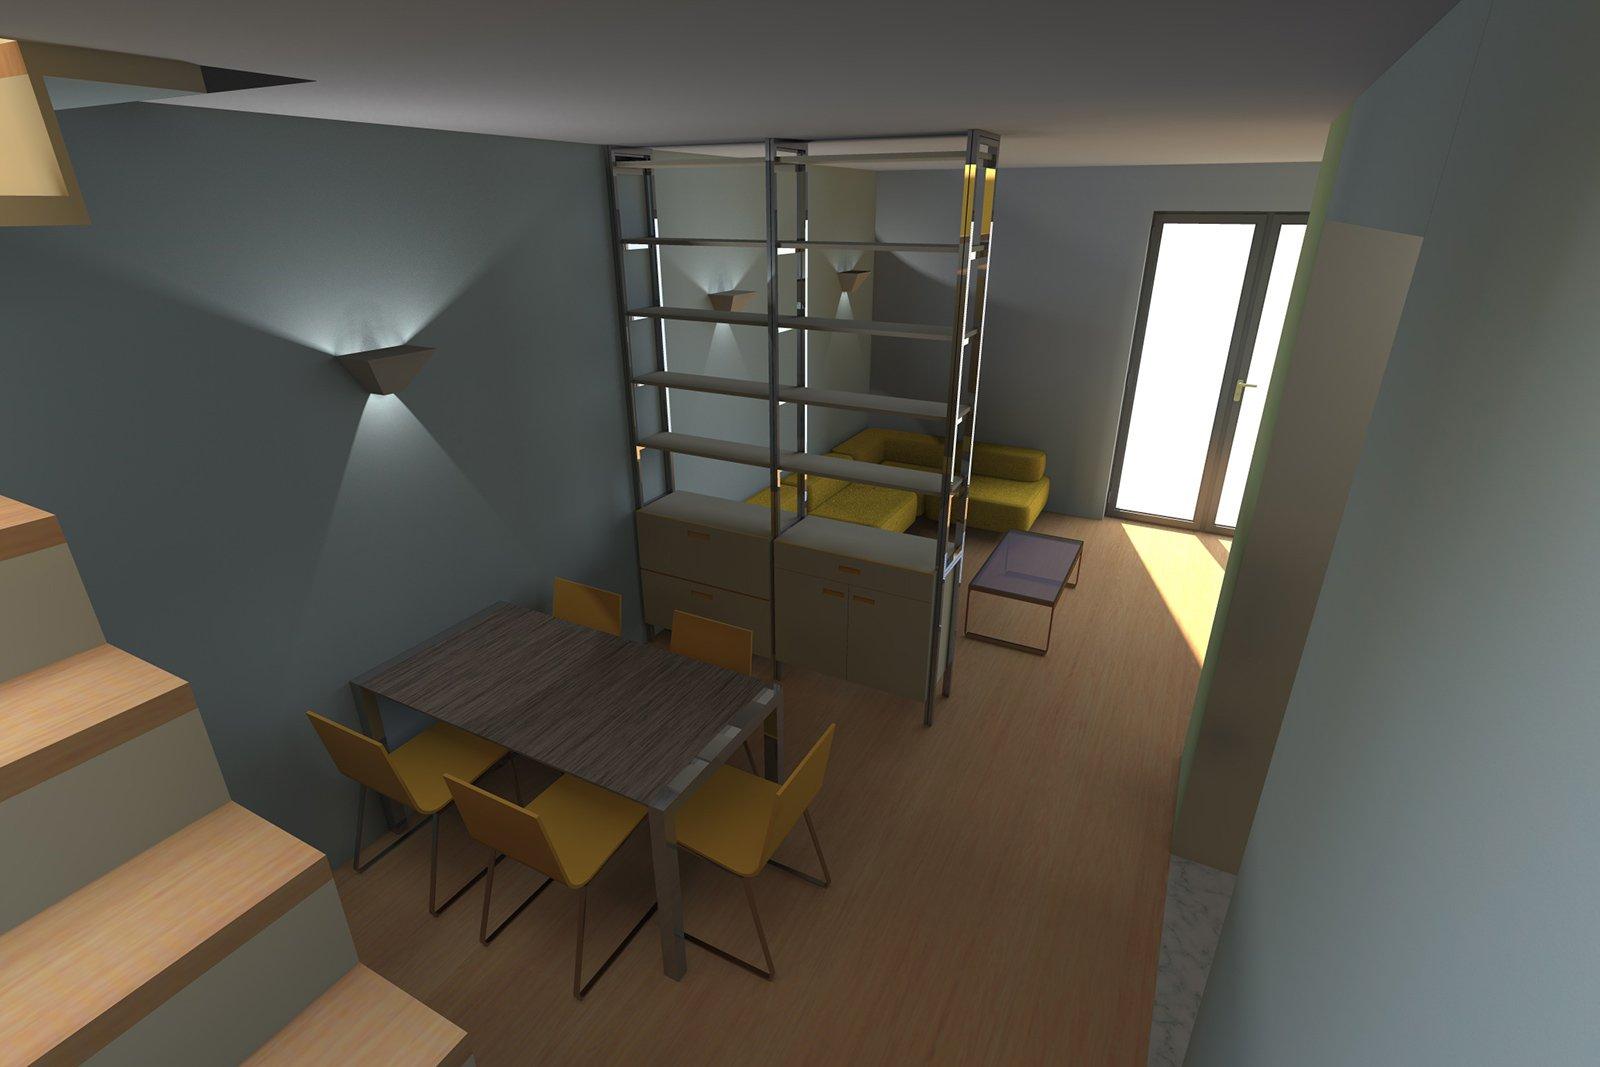 Spostare La Cucina Sul Balcone spostare la cucina: pianta e progetto in 3d - cose di casa